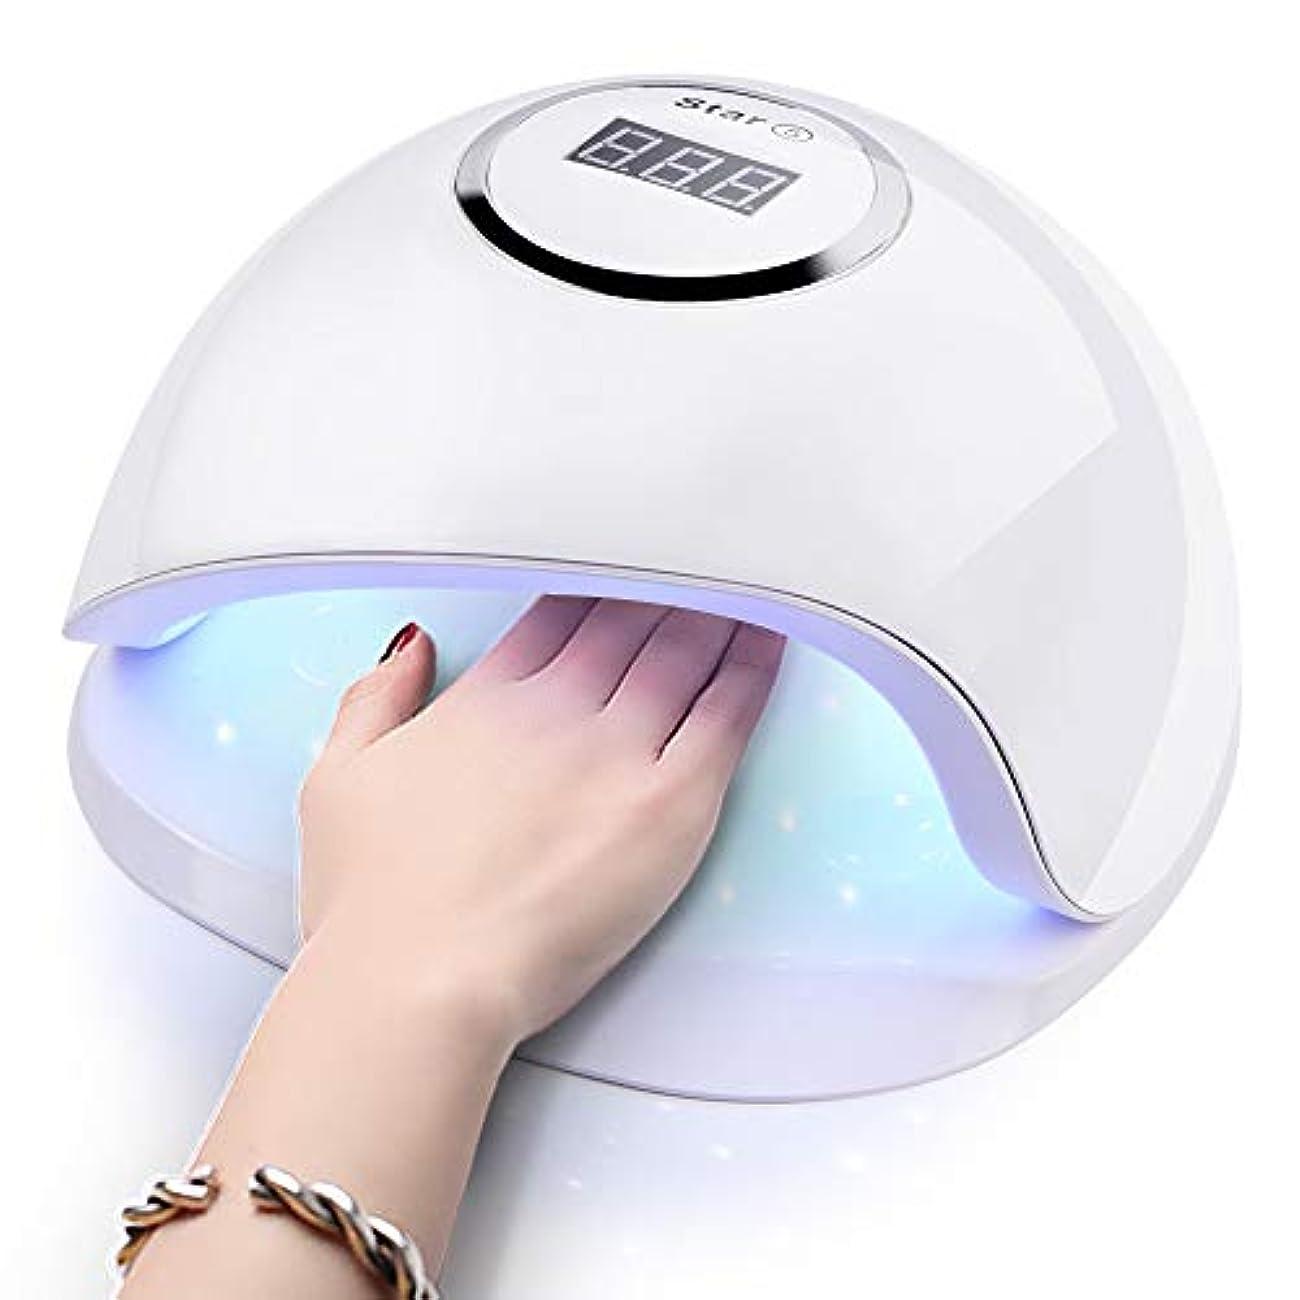 減少ヘッドレスレシピ2019最新版 UV LED ジェルネイル ライト ネイルドライヤー 赤外線検知 スマートタイマー 全ジェル対応 自動センサー 高速硬化